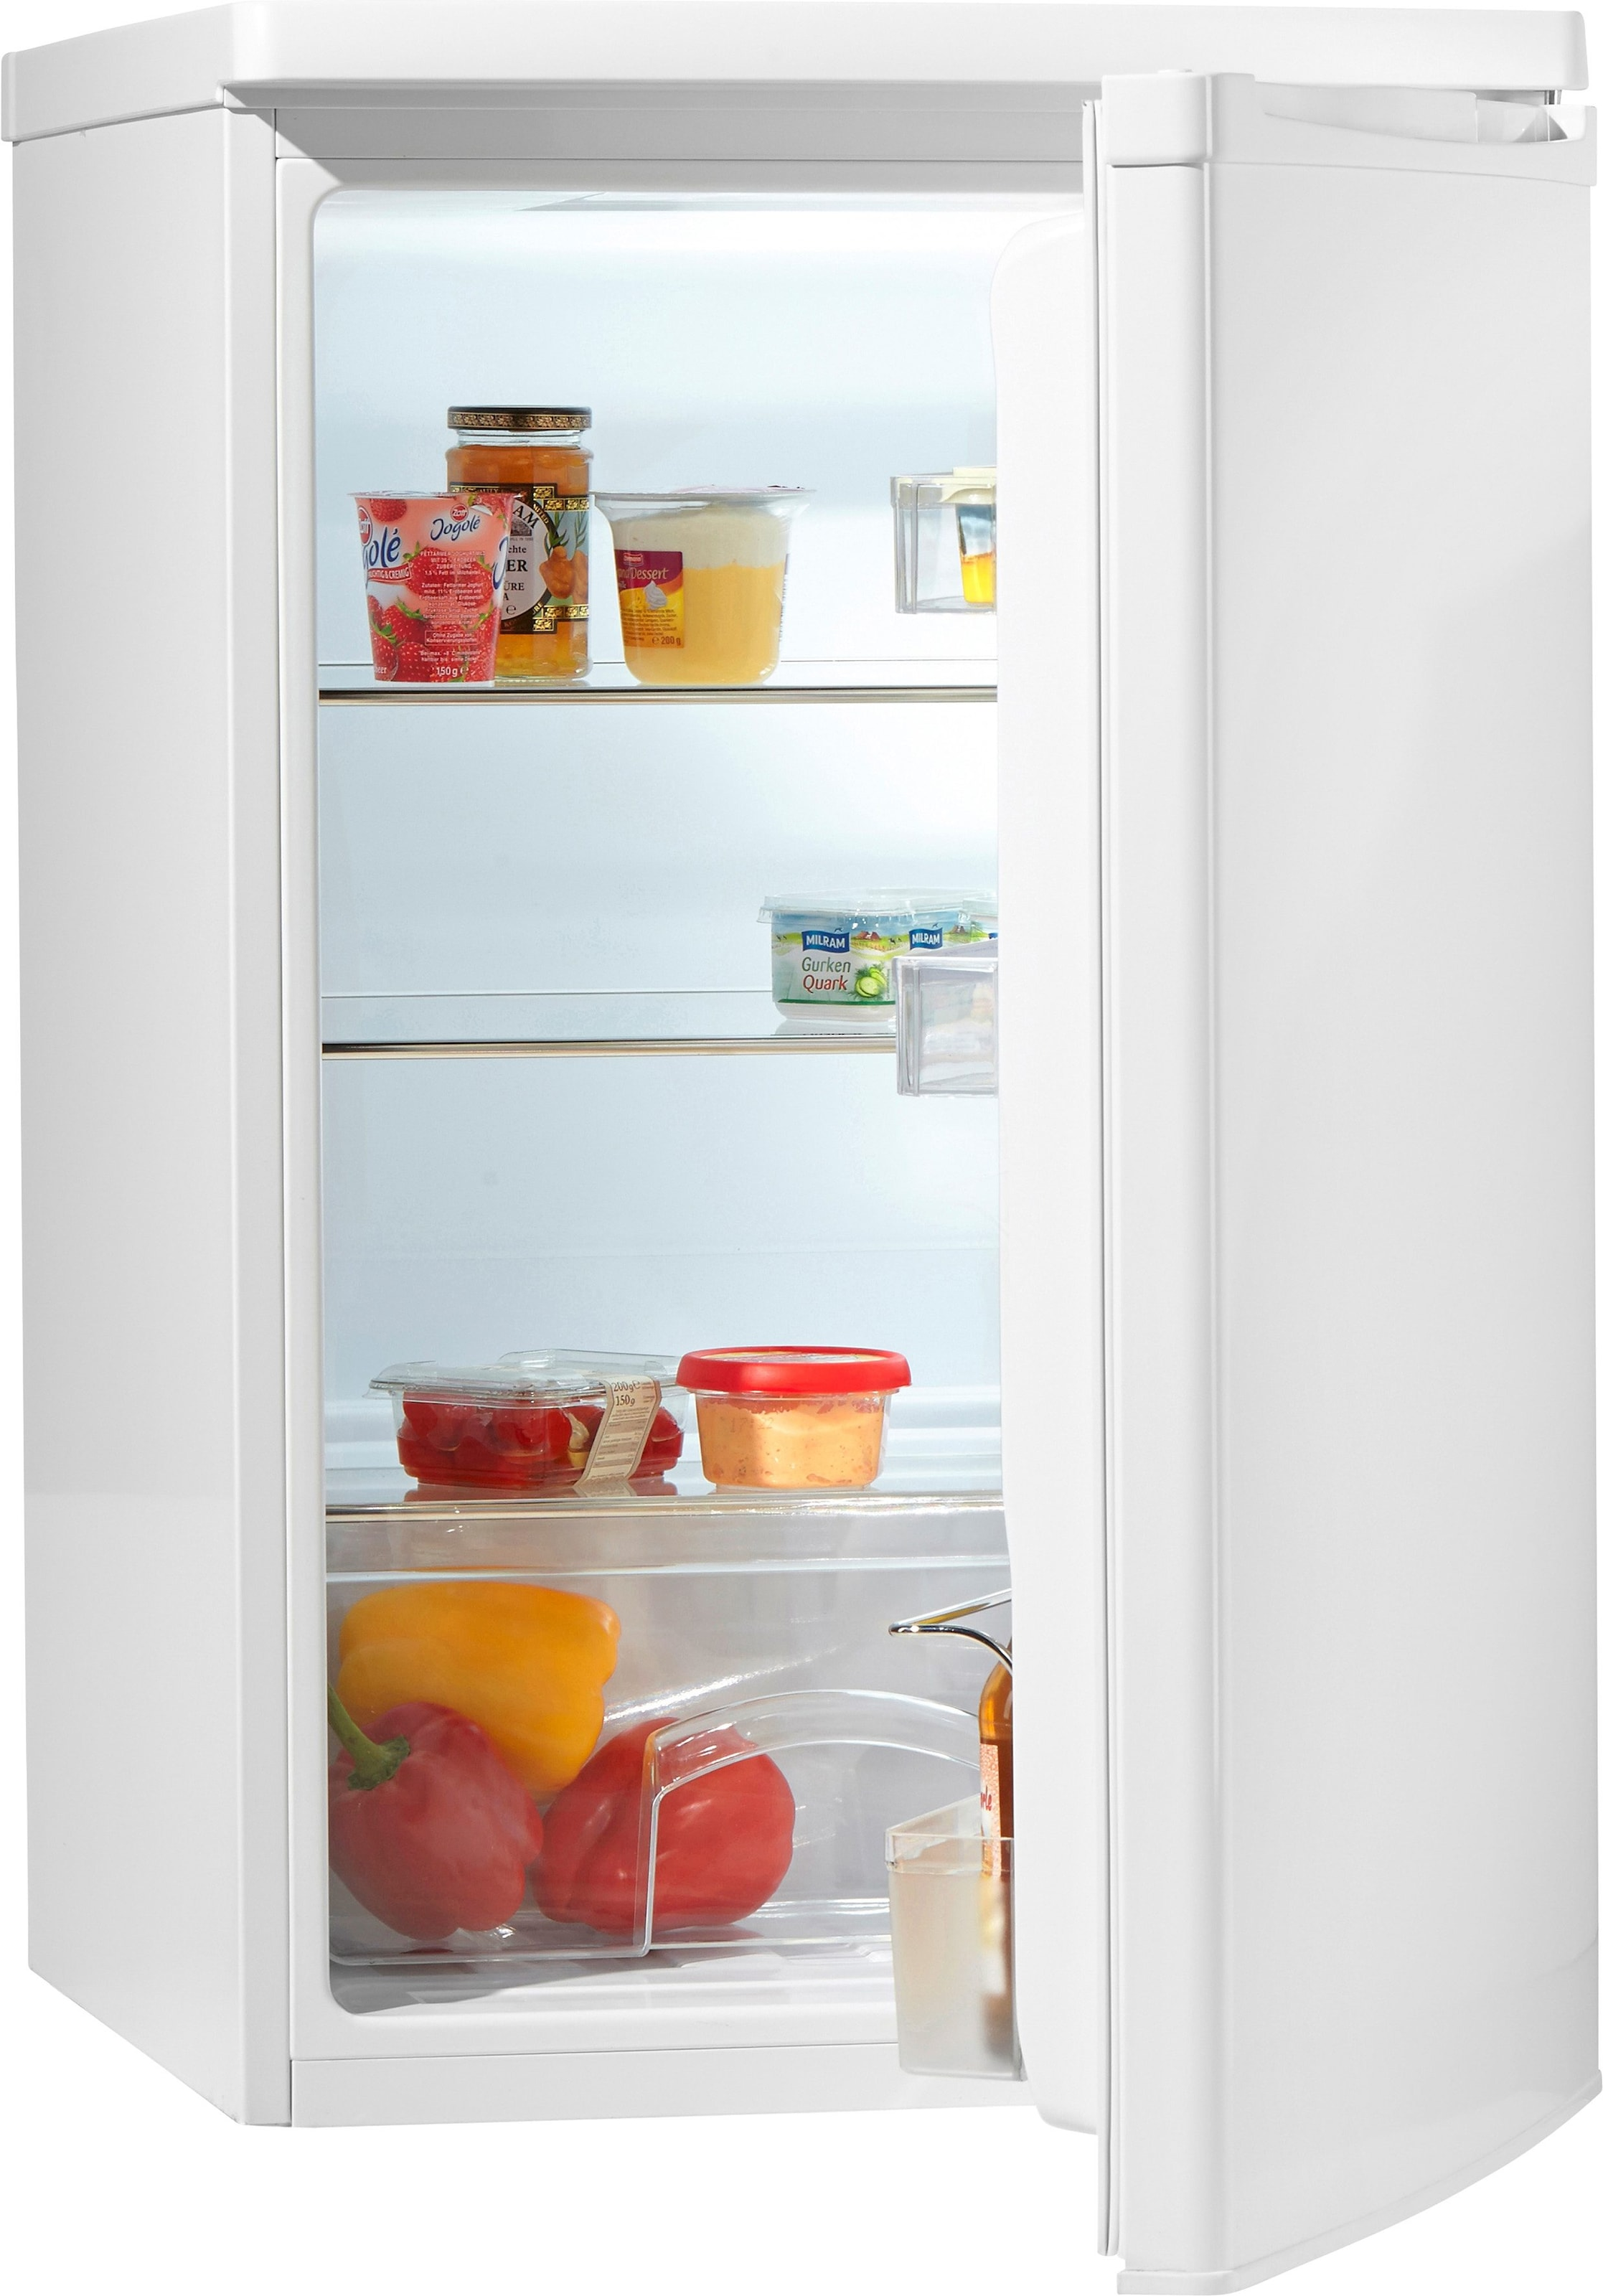 Side By Side Kühlschrank Ratenkauf : Standkühlschränke auf rechnung bestellen ratenkauf baur